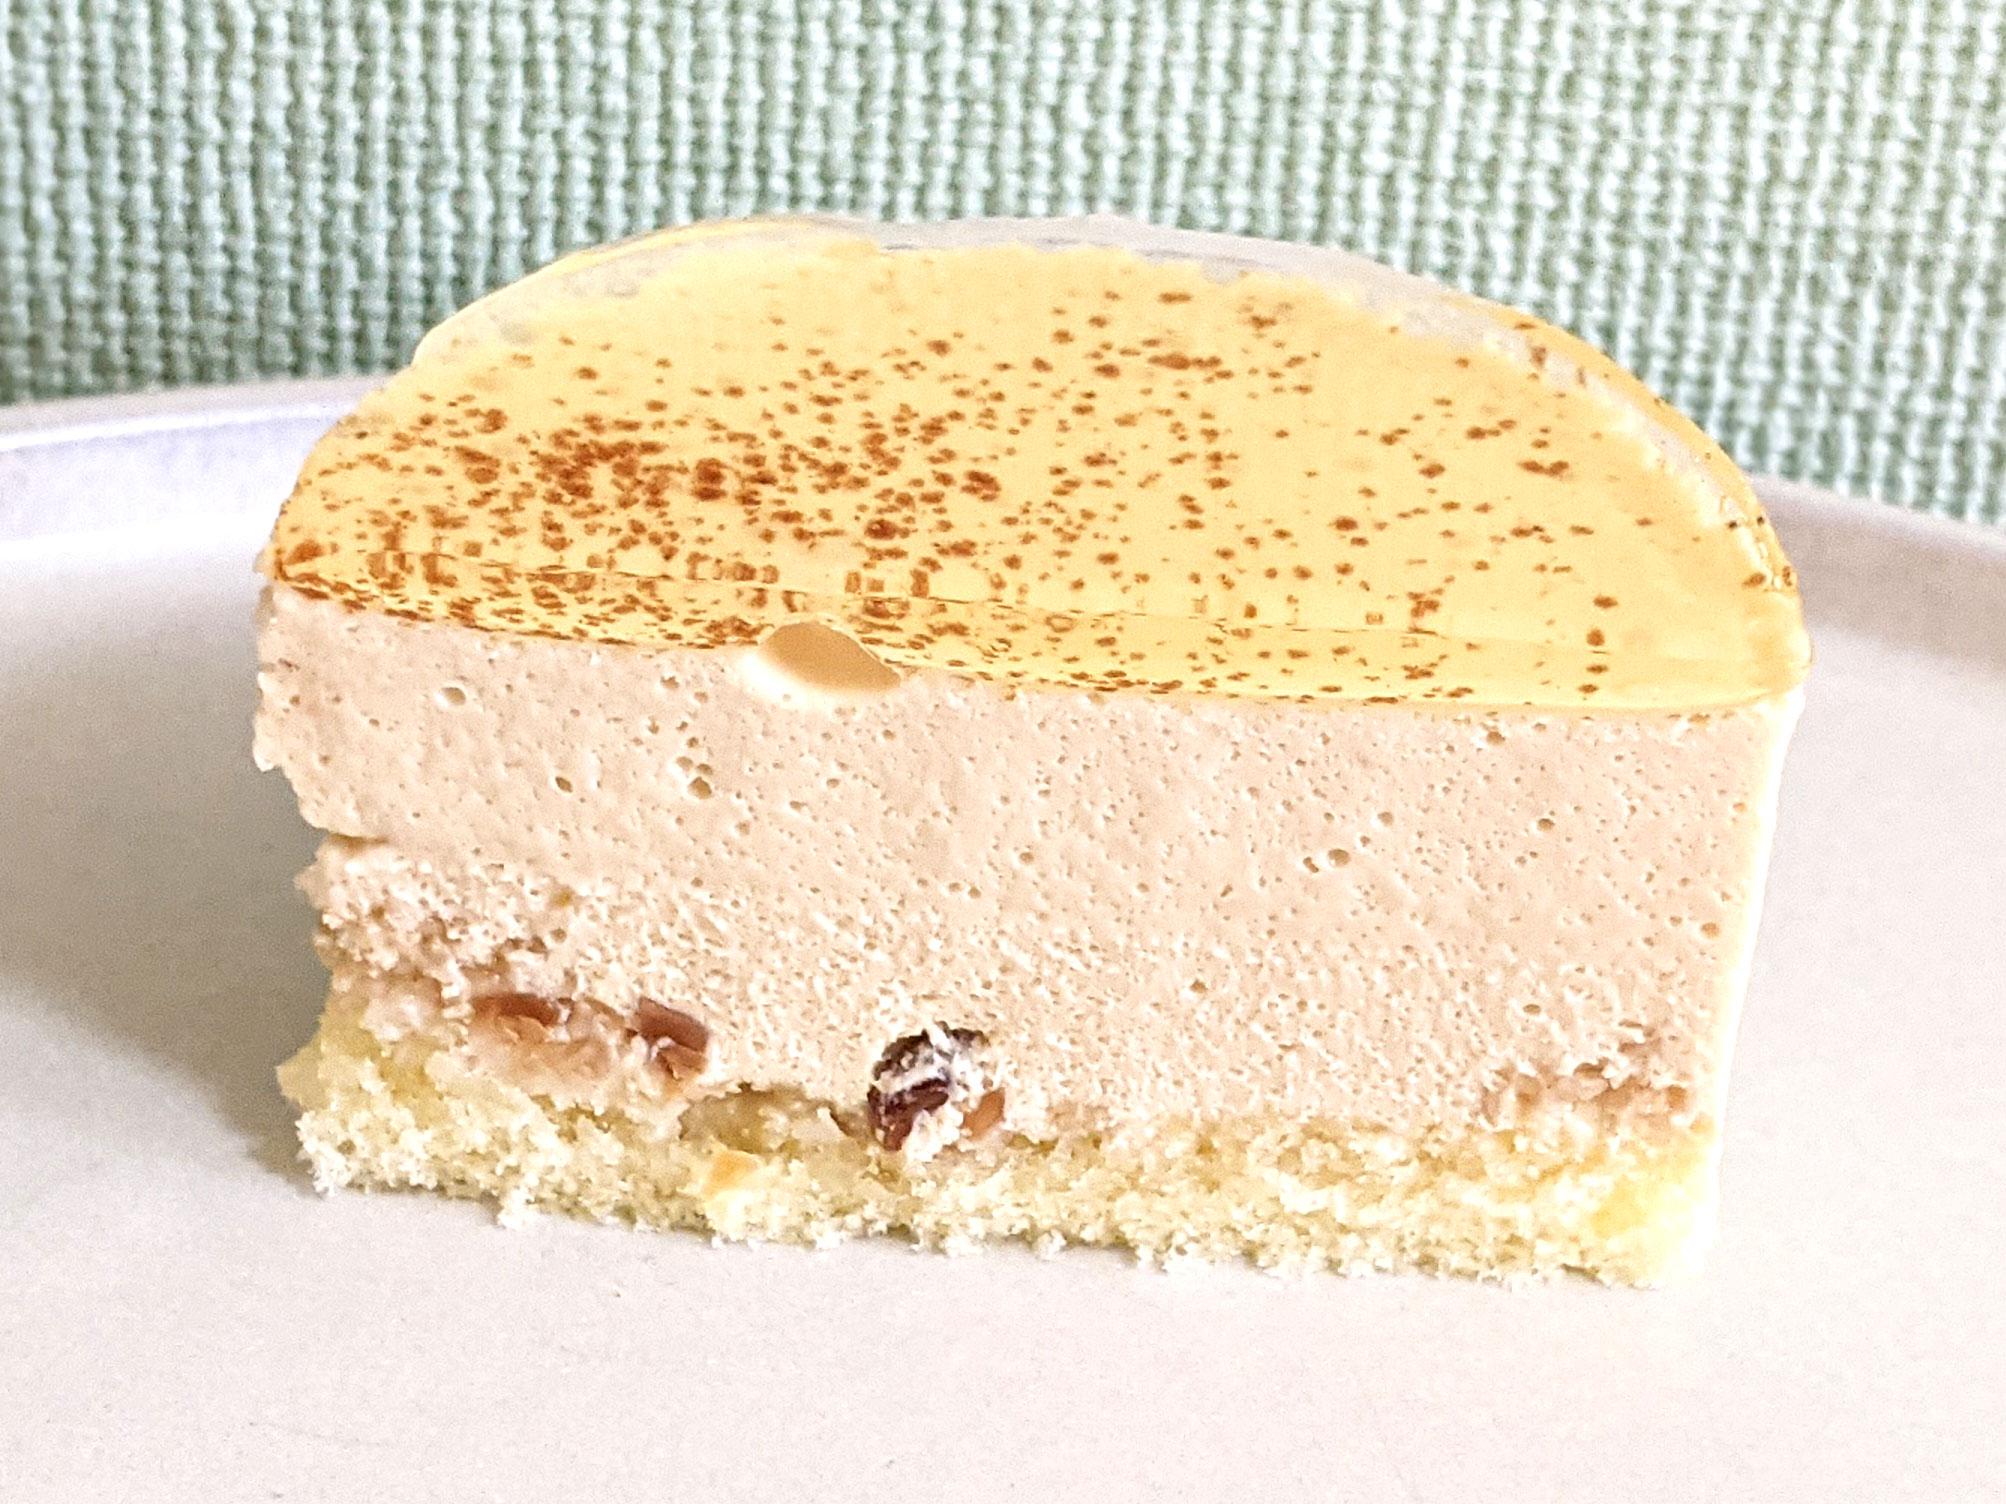 コンビニスイーツ チーズケーキ セブンイレブン ローソン ファミリーマート コンビニスイーツ